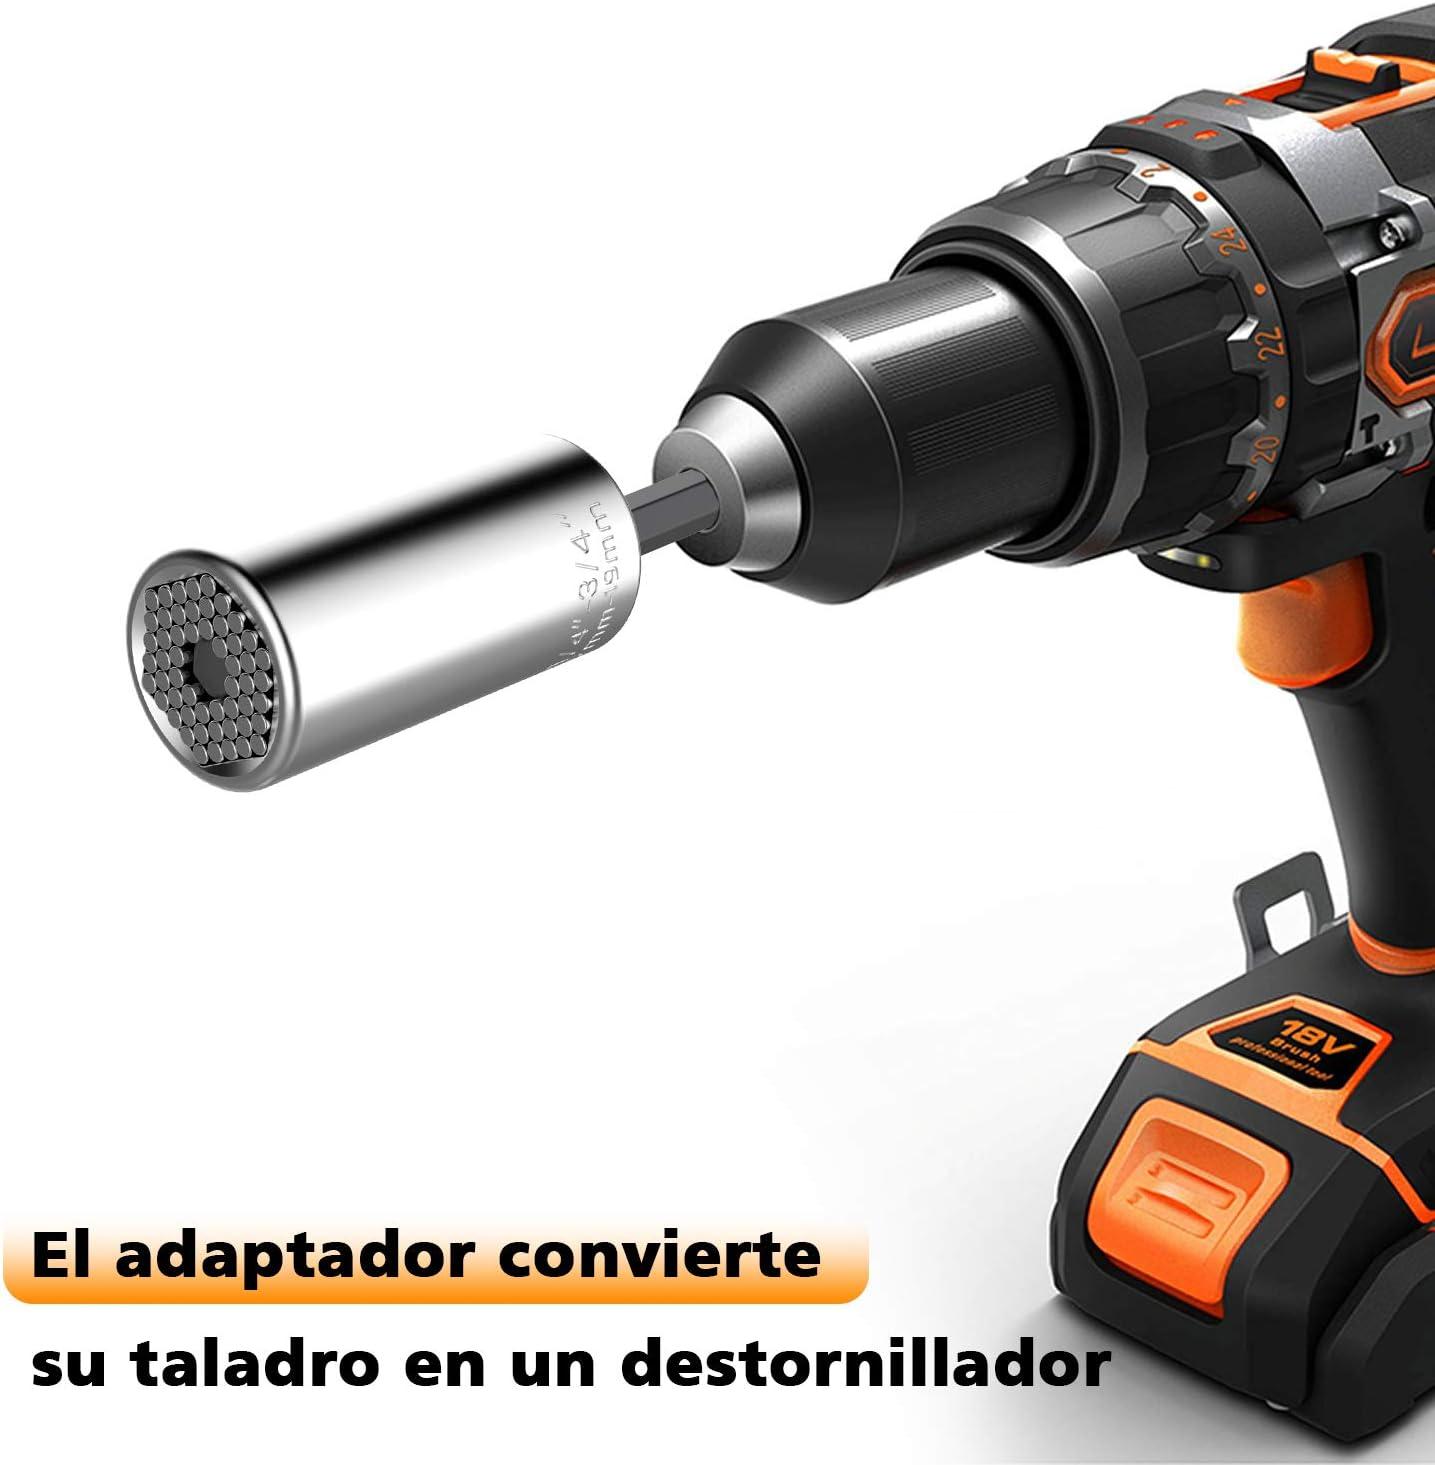 Ymwave Llave de Tubo Universa para tuercas 7-19mm con Adaptador Multifuncional Kit de Reparaci/ón de Herramientas para Taladro el/éctrico